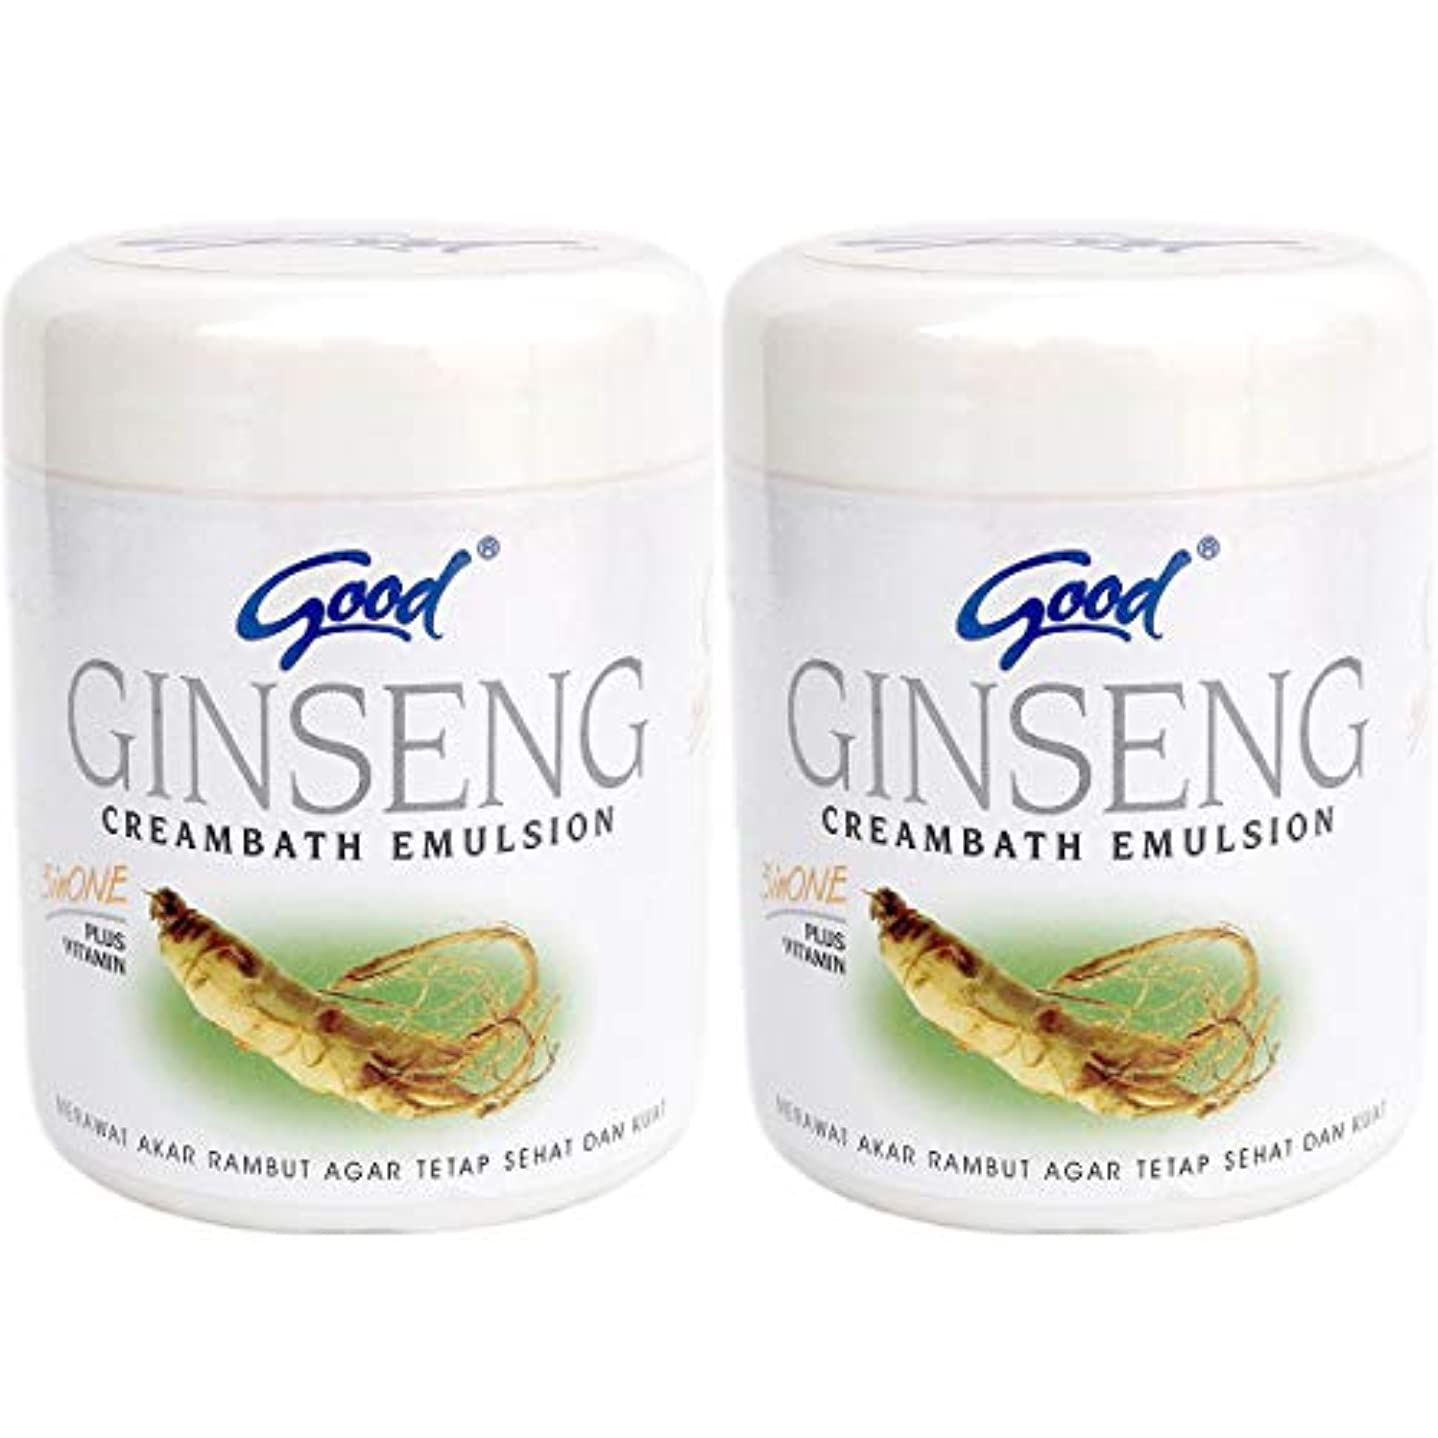 クスコオーバーヘッドパスポートgood グッド インドネシアバリ島の伝統的なヘッドスパクリーム Creambath Emulsion クリームバス エマルション 680g × 2個 Ginseng ジンセン [海外直送品]